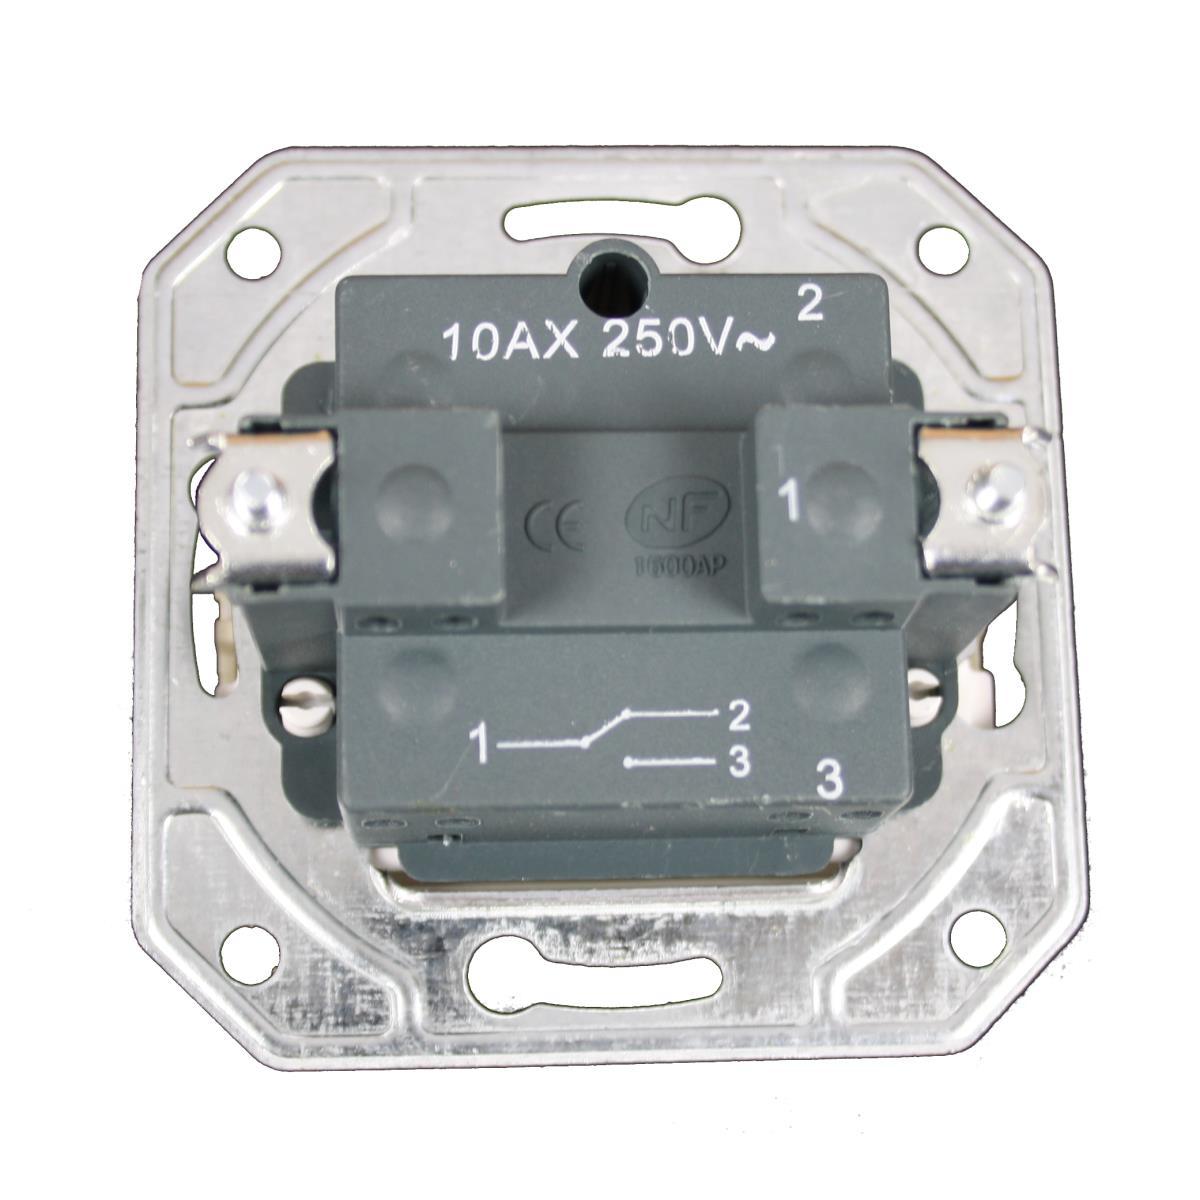 Wechselschalter Unterputz 10 A, 230 V creme weiß Serie TAILI,Vagner SDH,TL1102CRM, 4770364106545